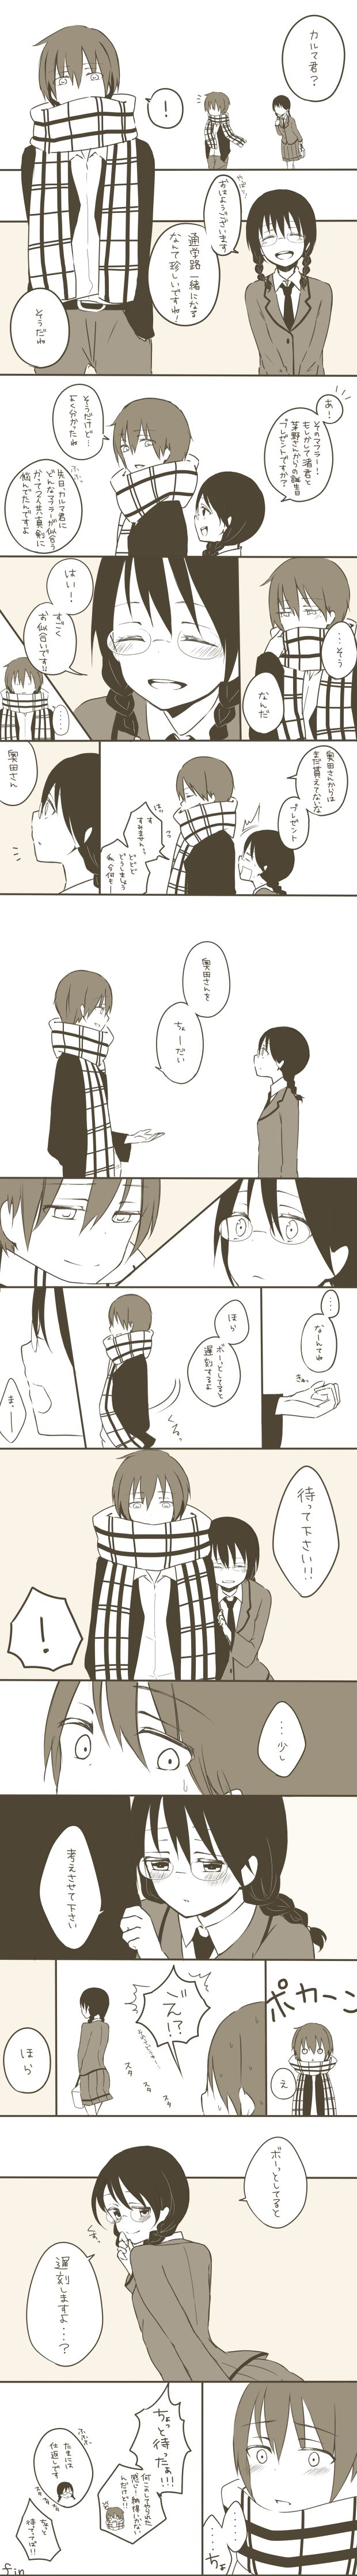 【暗殺教室】 奥田さんの反撃 【カル愛】